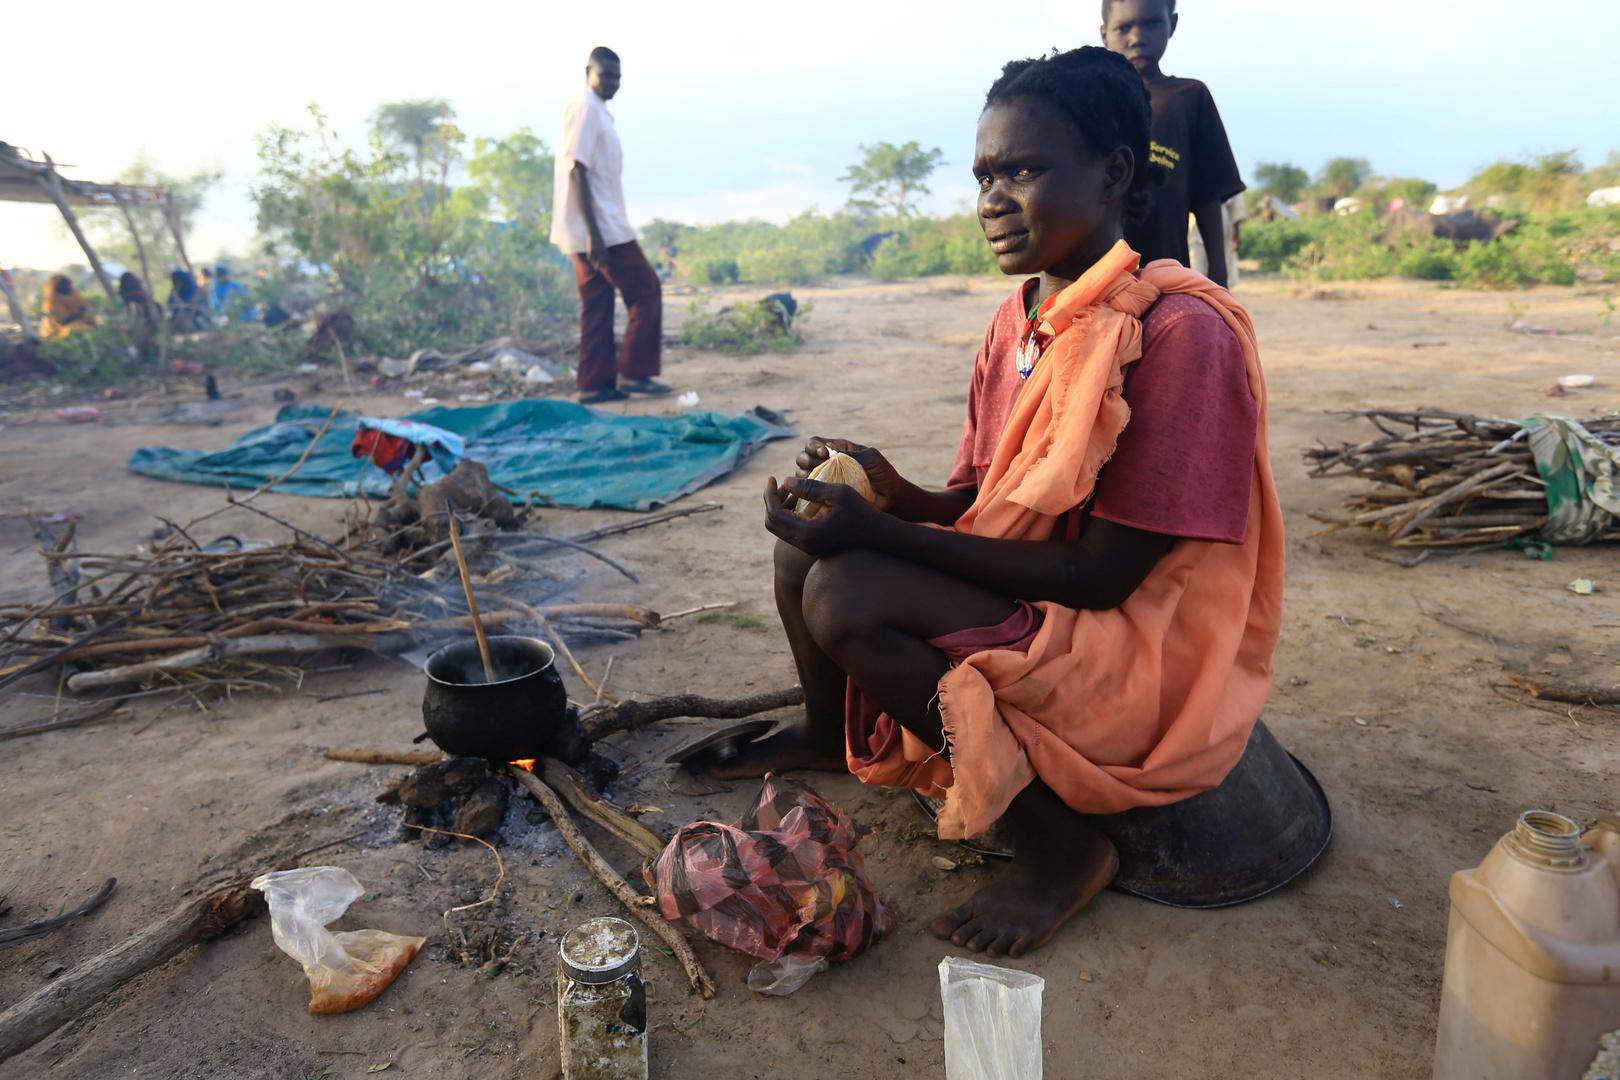 نازحون في دارفور - صورة أرشيفية